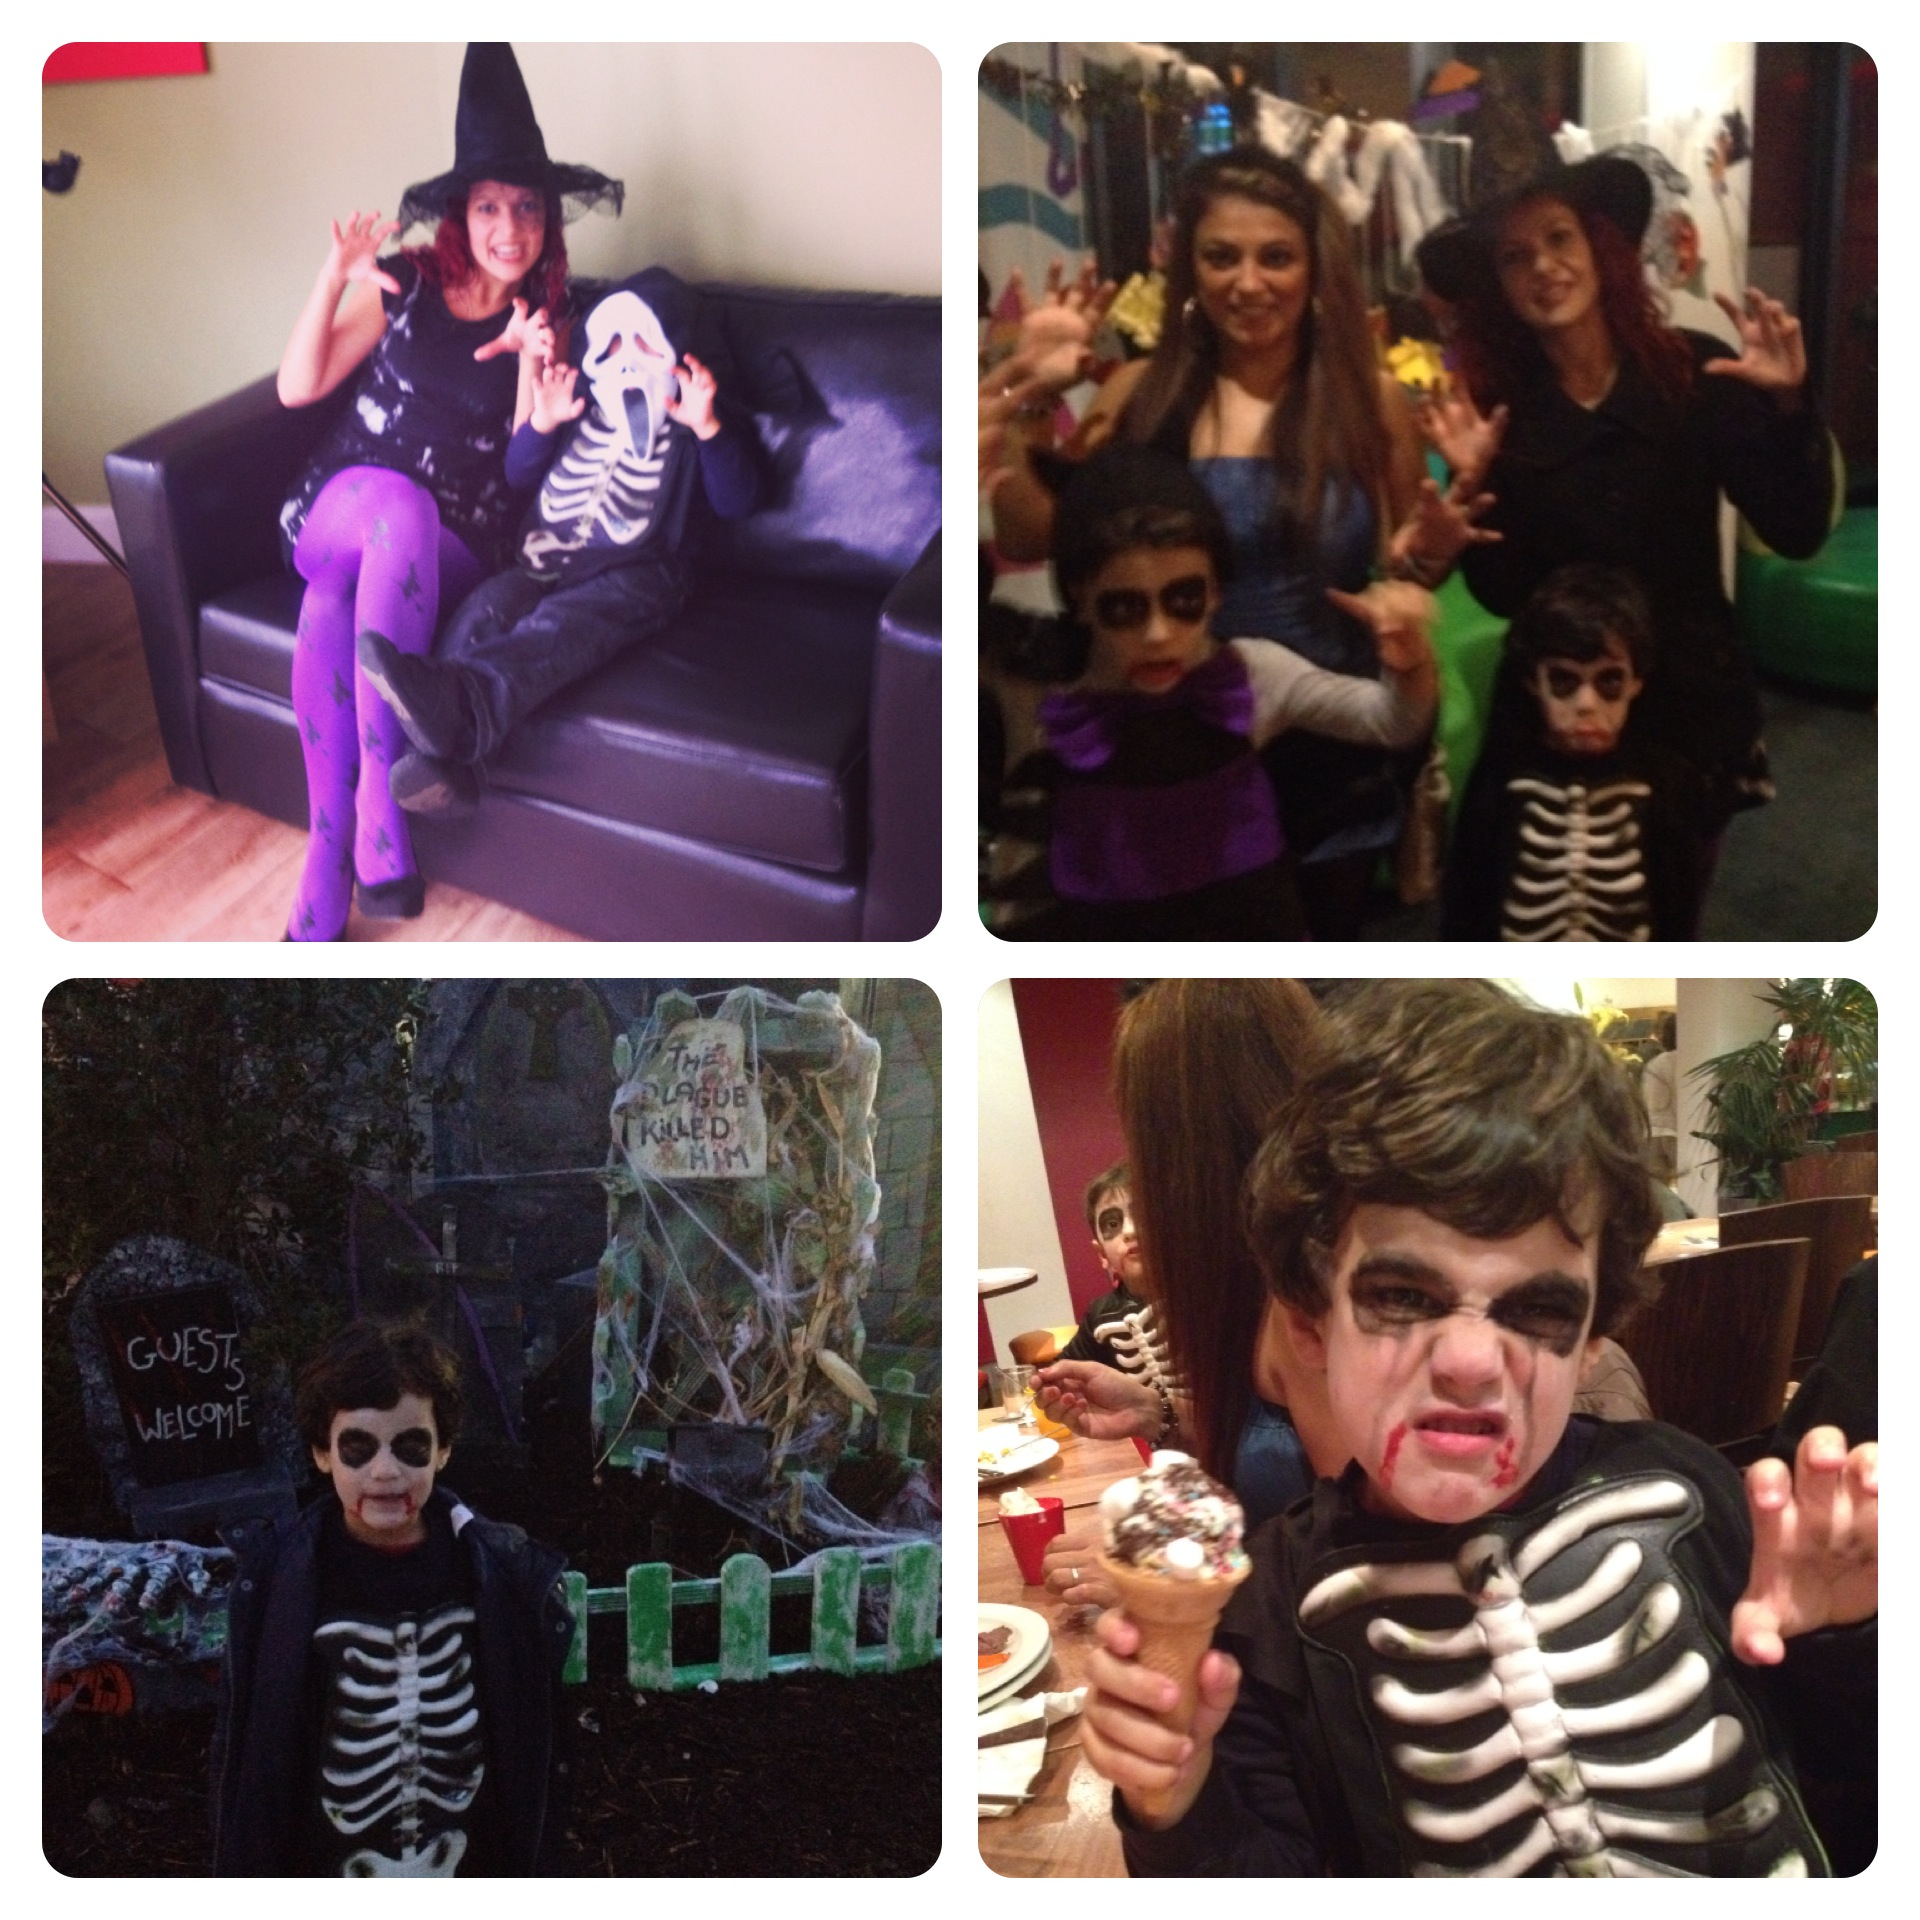 Halloween at Butlins